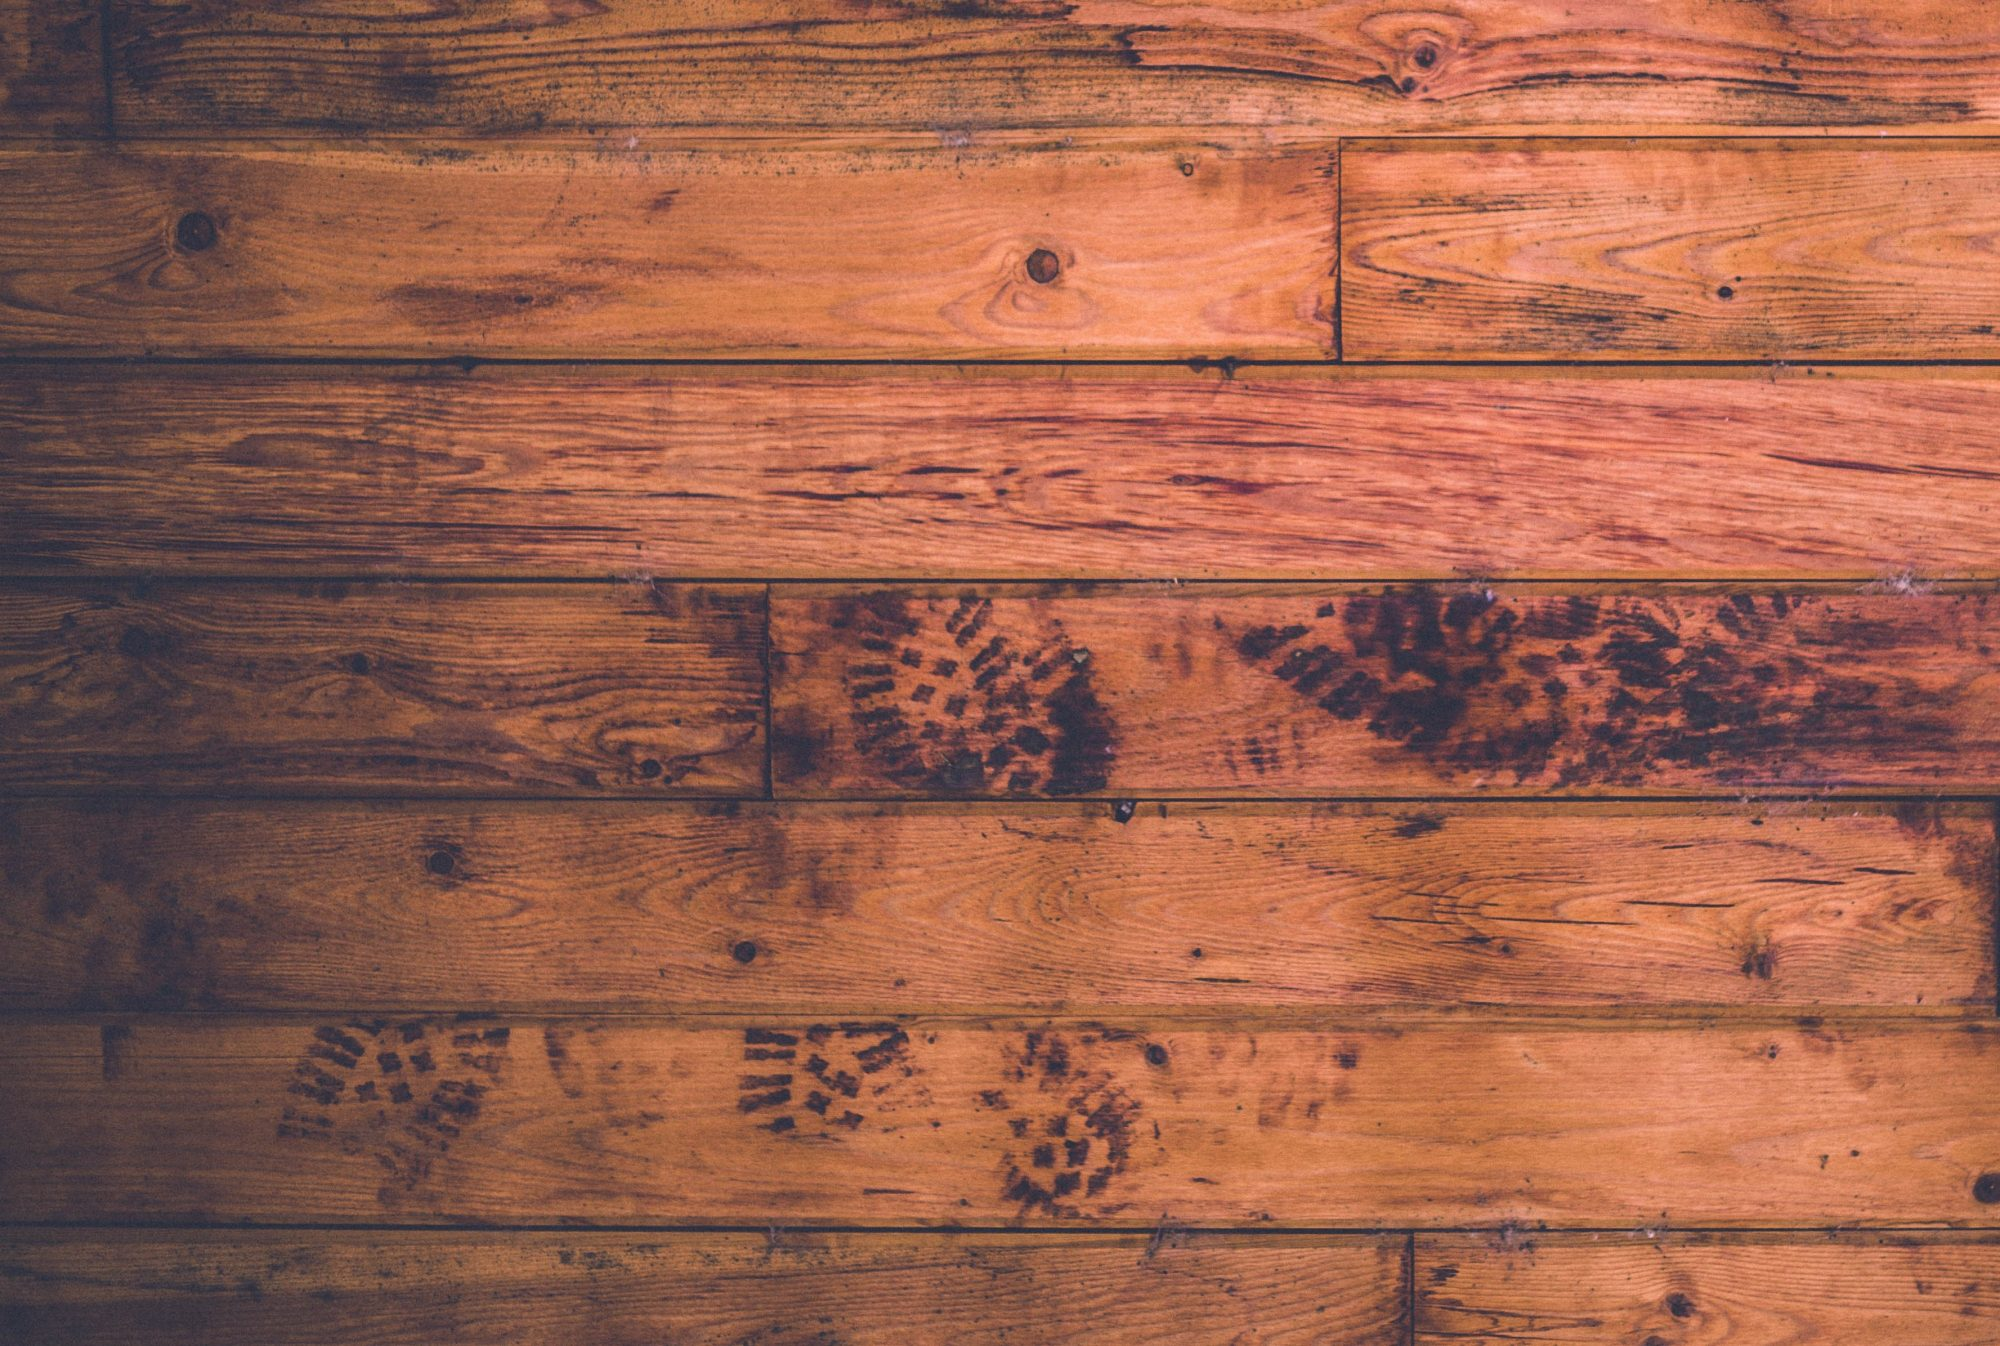 Messy wooden floor